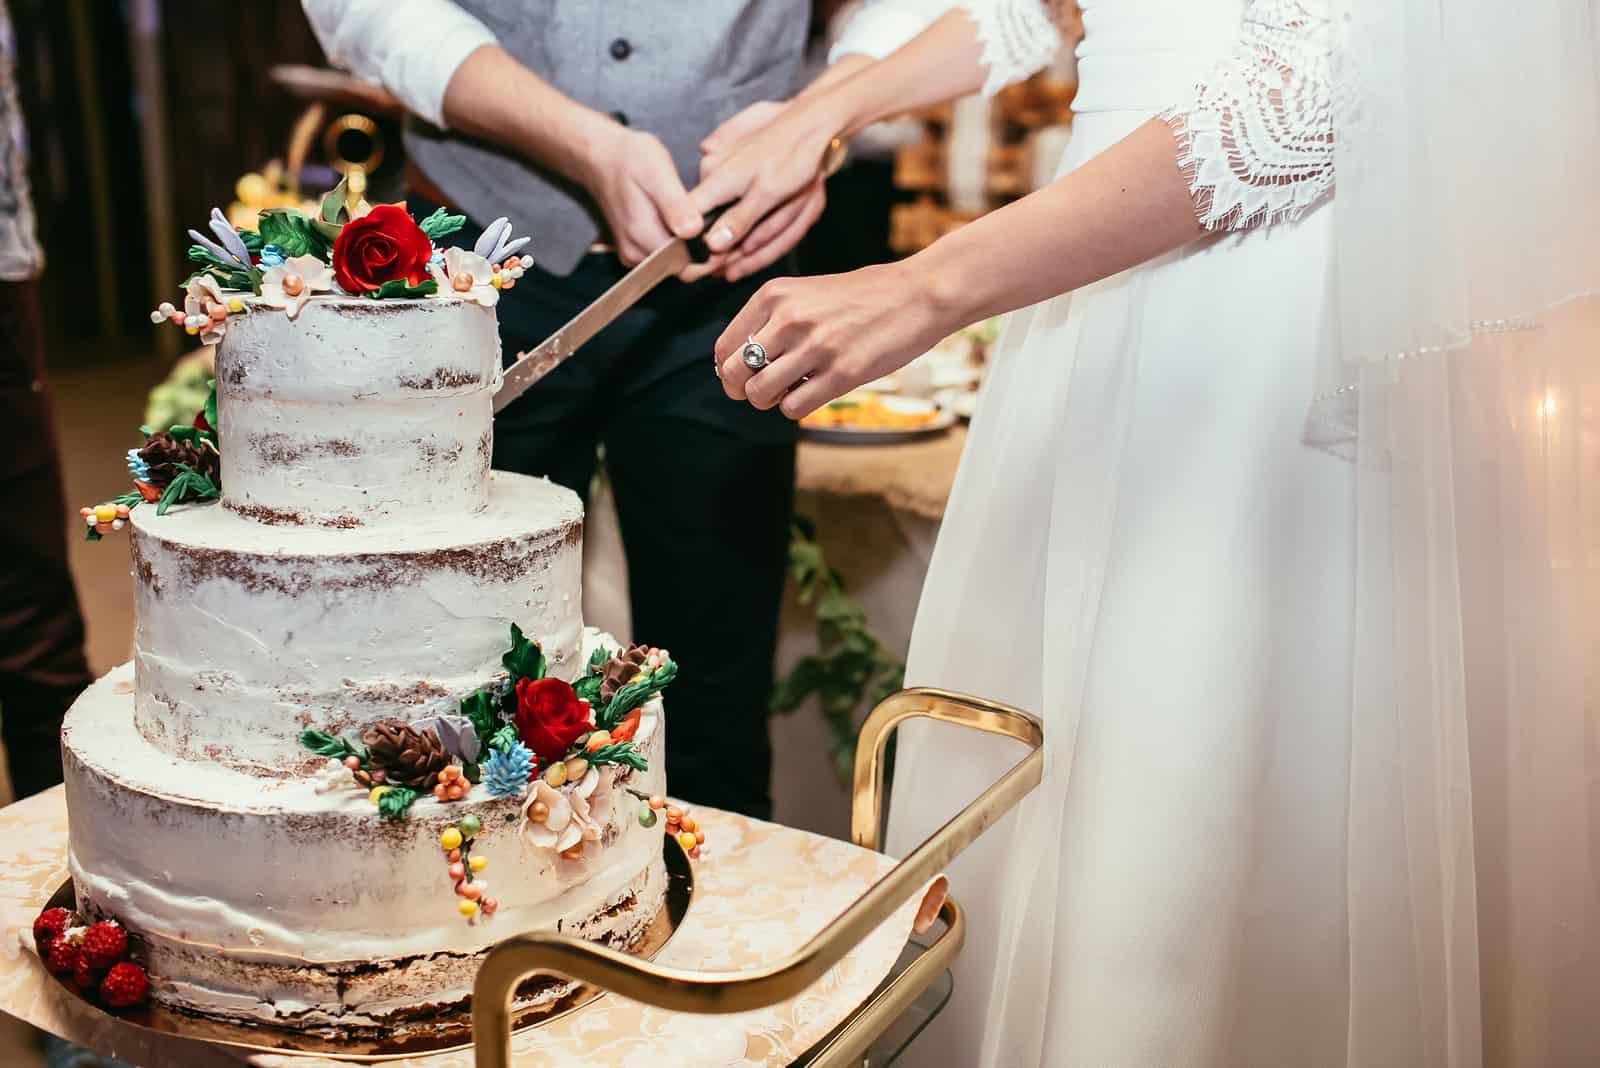 Das Brautpaar schnitt eine schöne weiße Hochzeitstorte